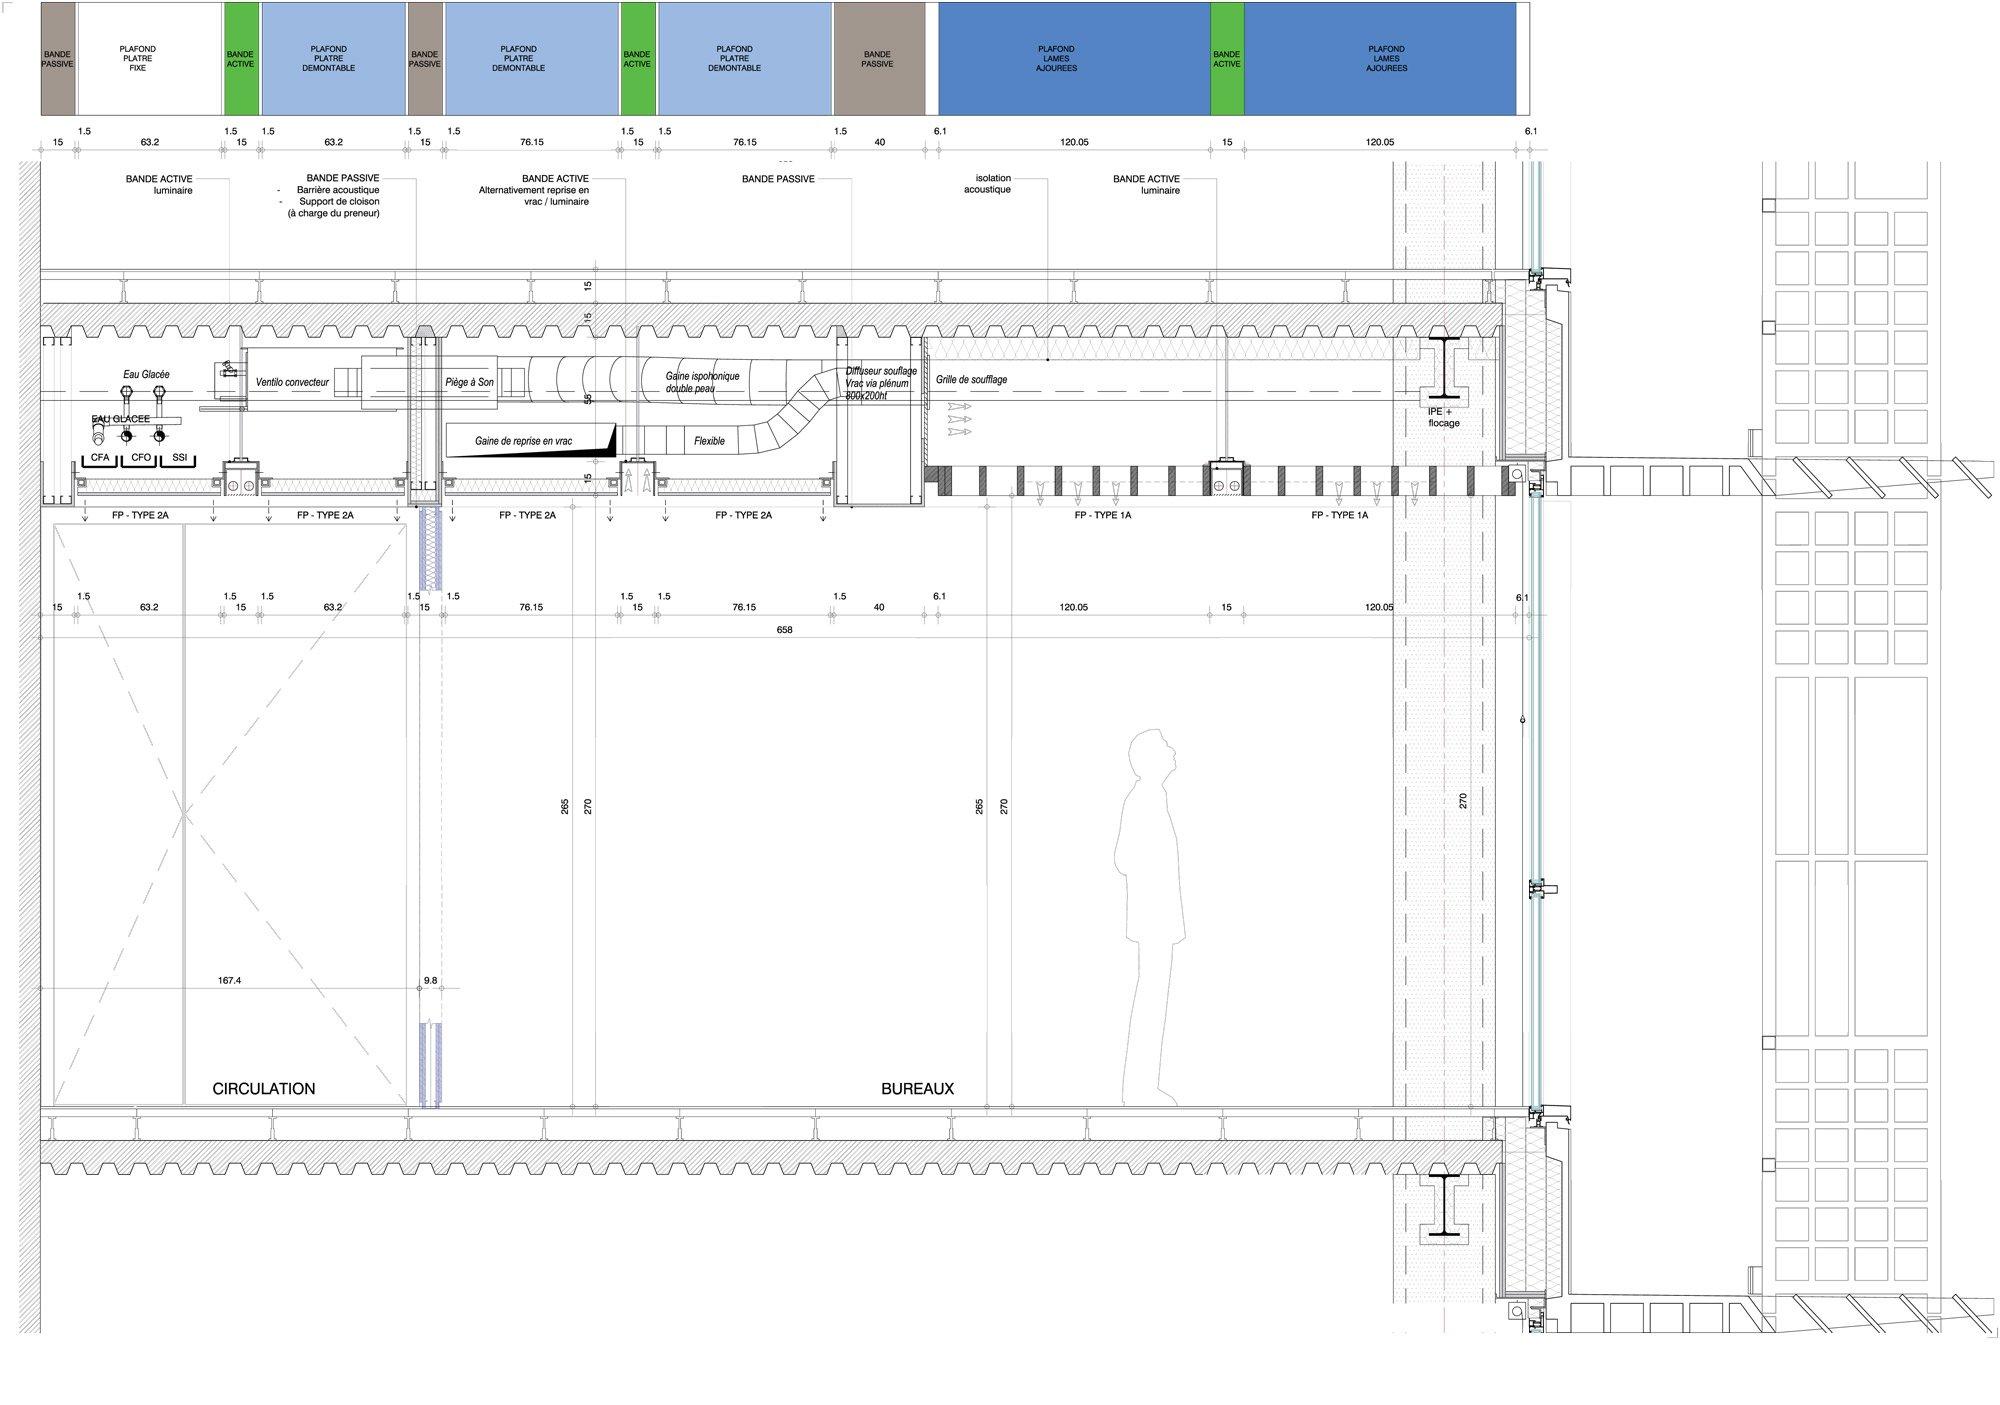 Façade detail © Ateliers Jean Nouvel, Constructa